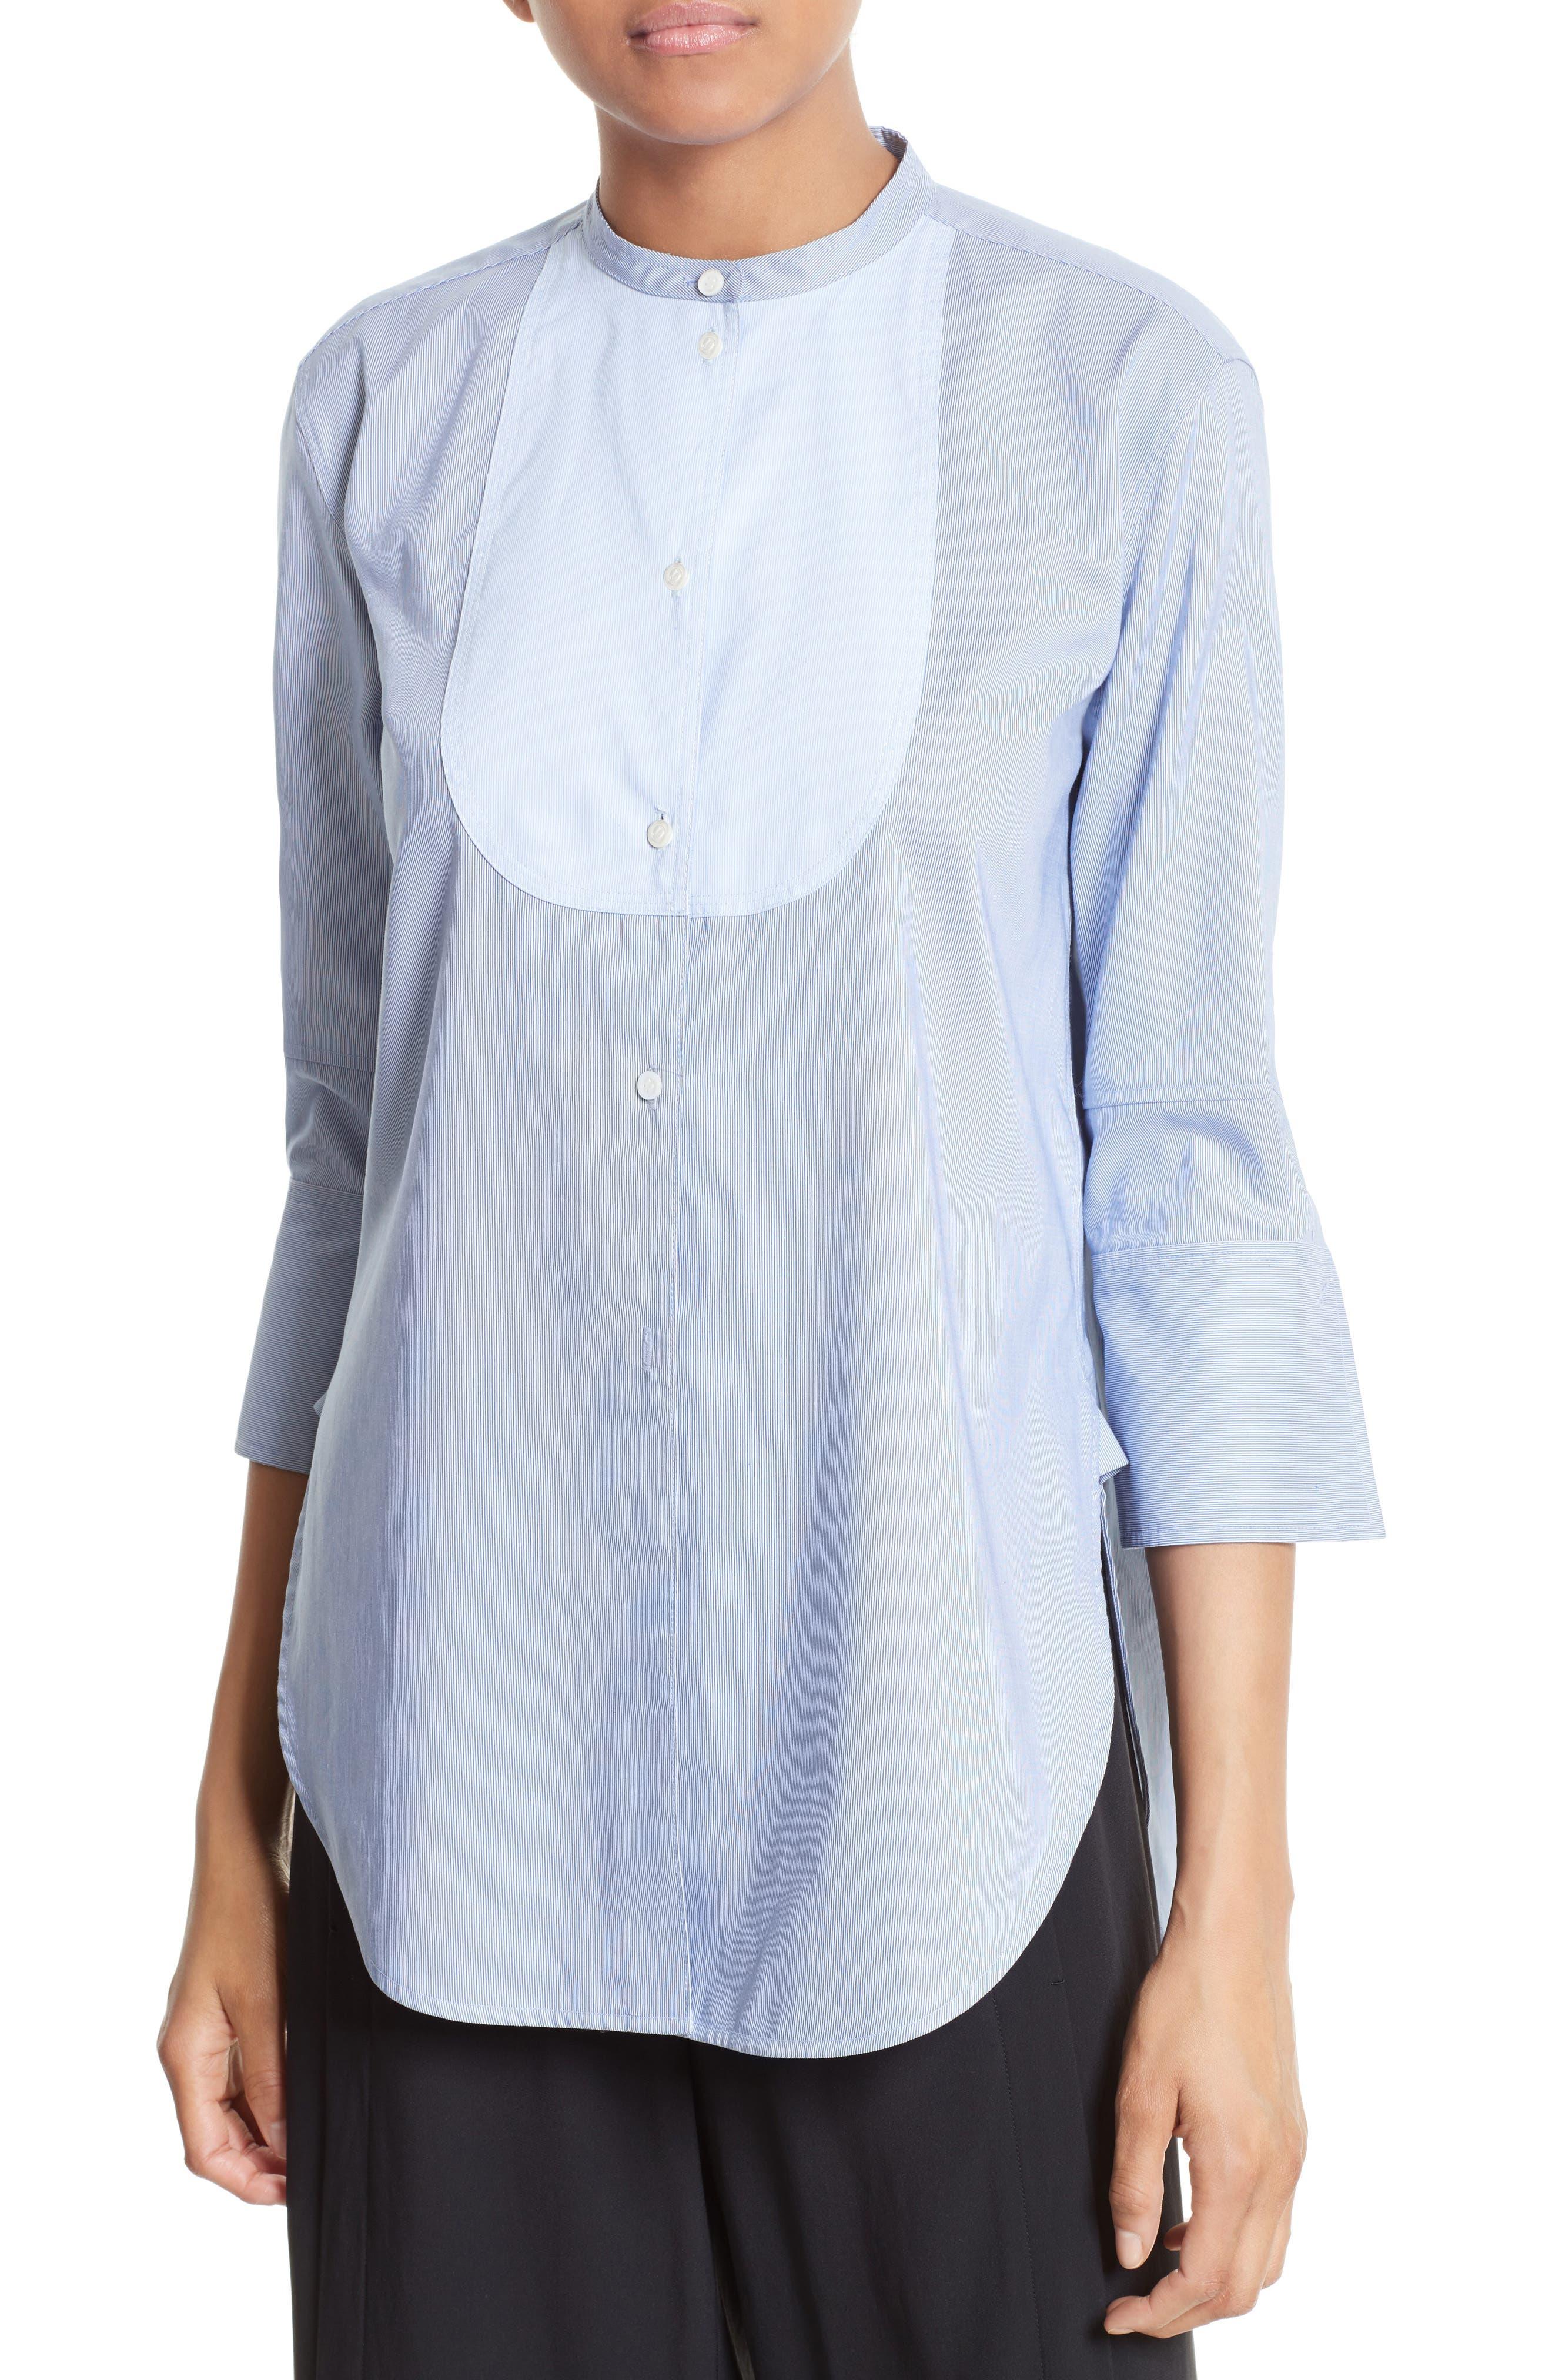 Helmut Lang Ottoman Tuxedo Shirt